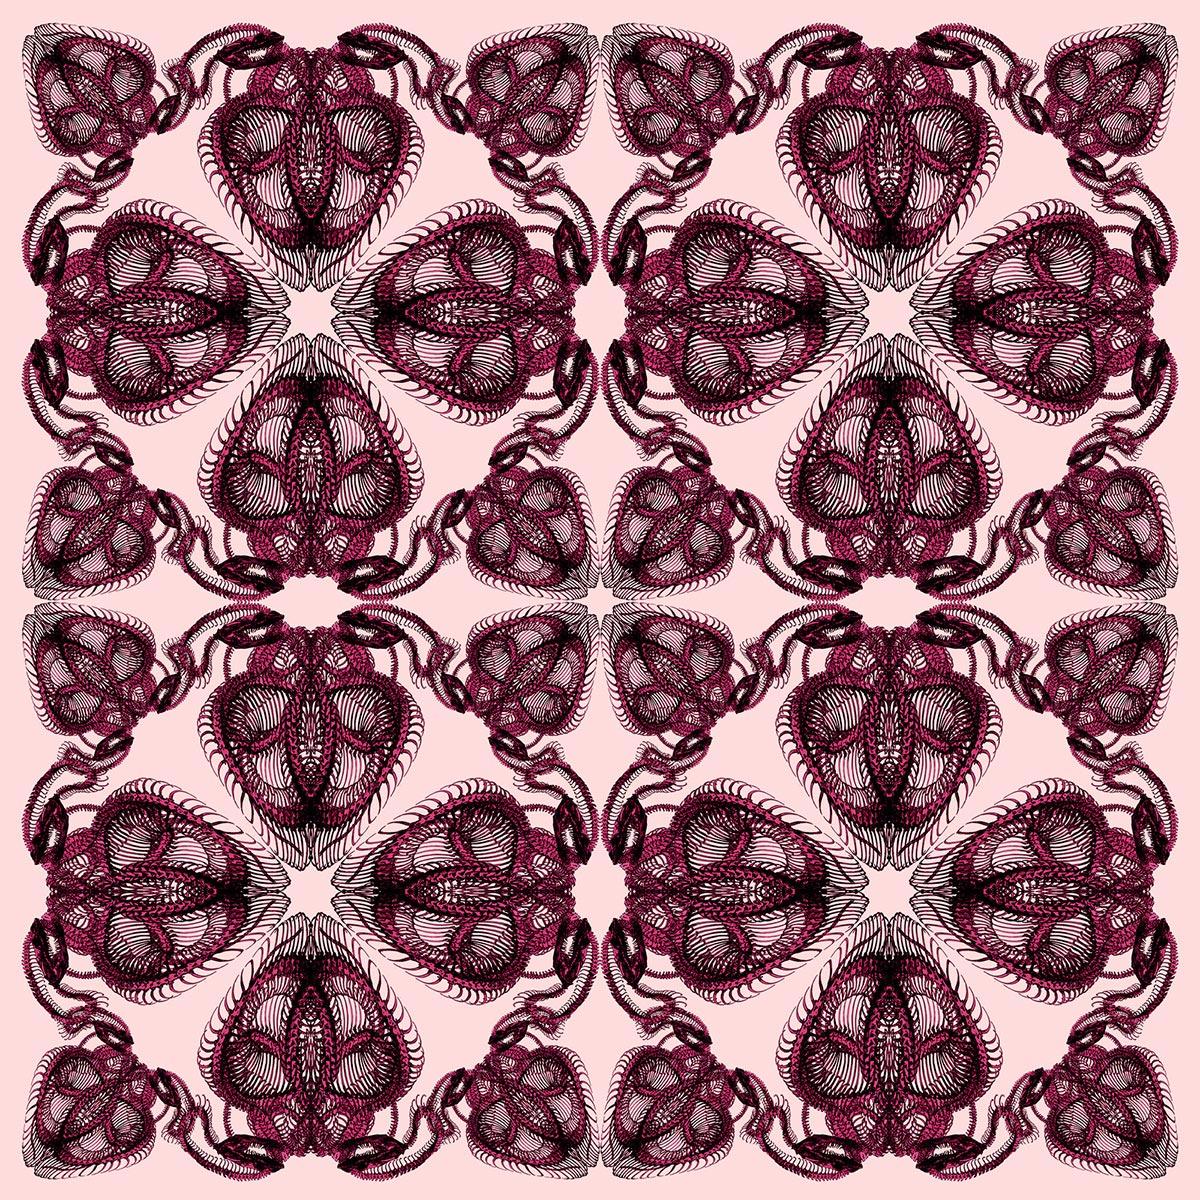 Snake_Charmer_design_scarf